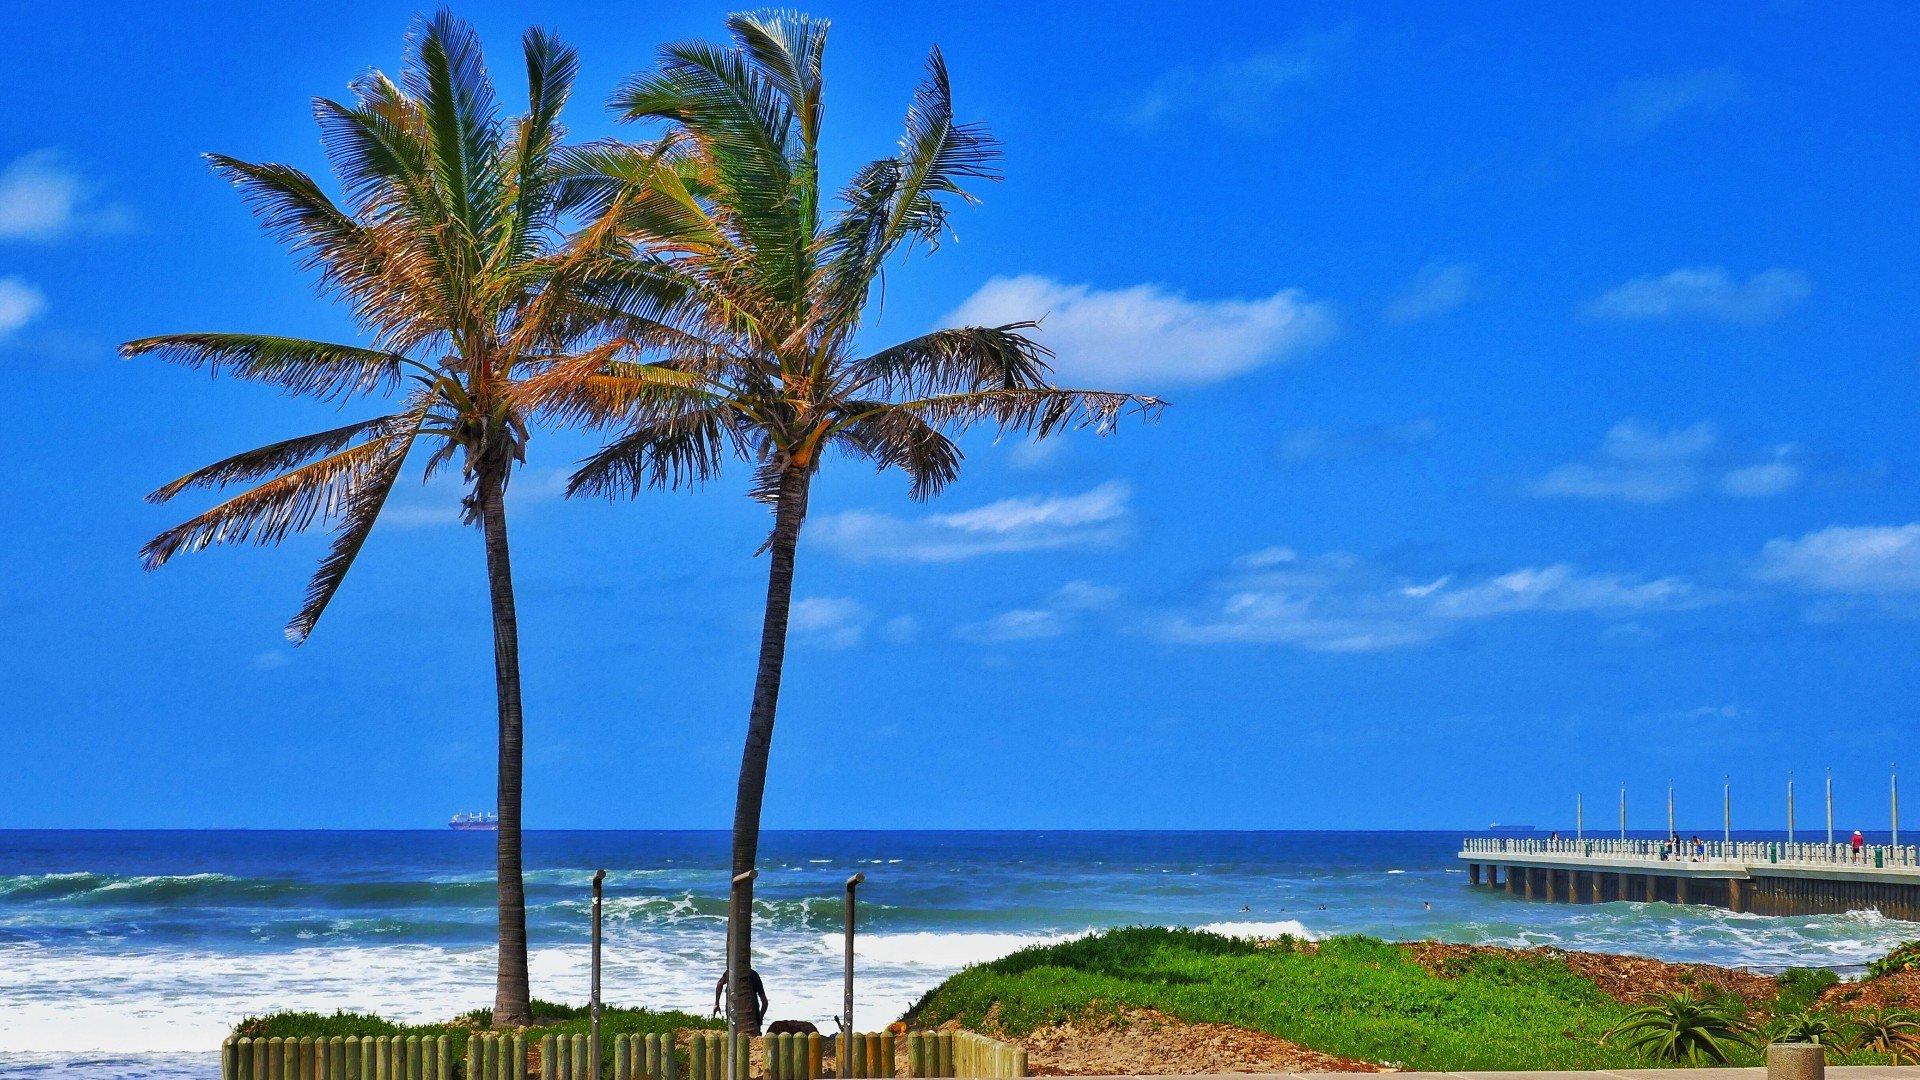 Durban Beachfront Bay of Plenty